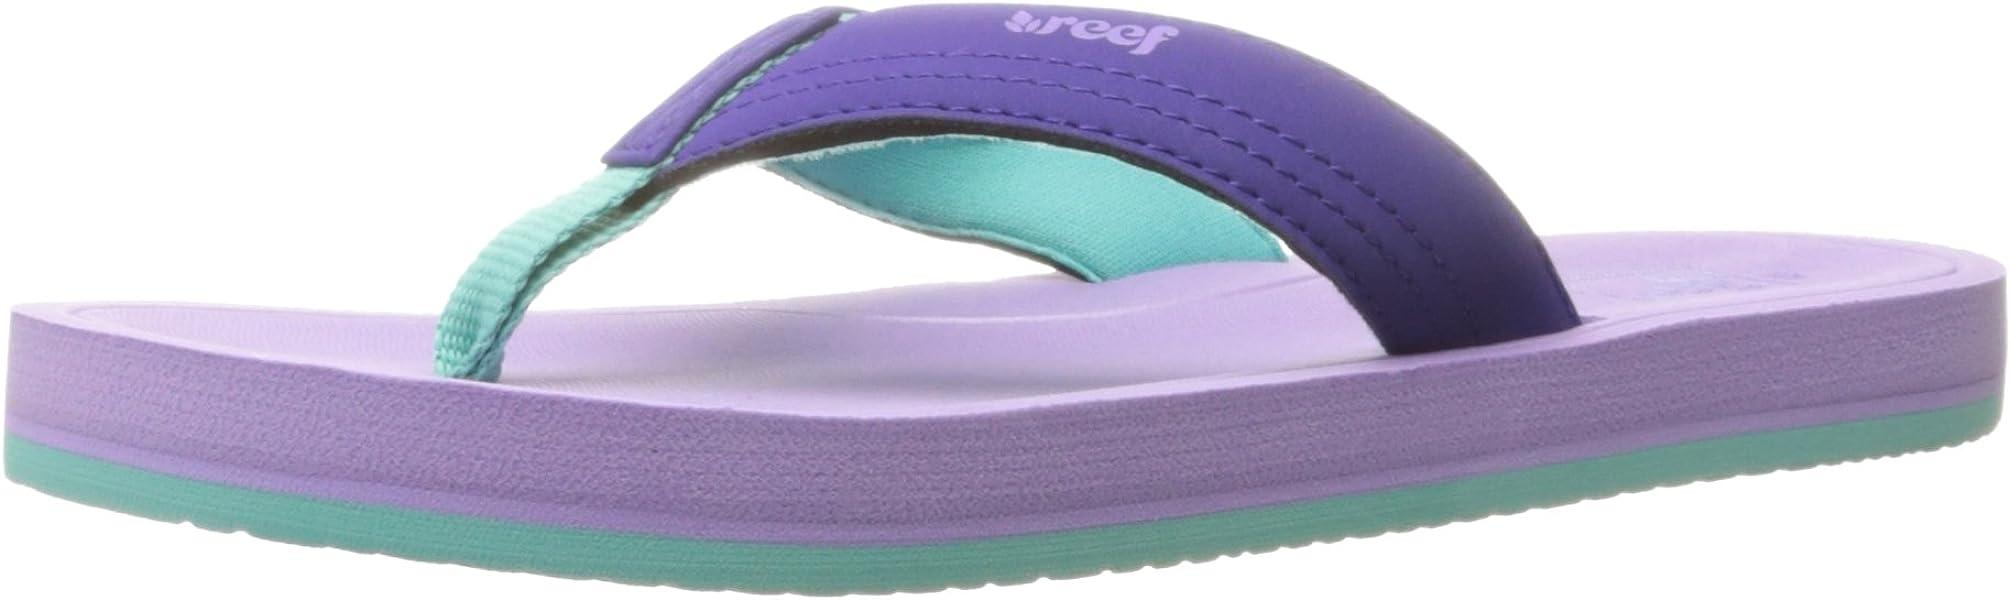 Reef Girls' Little Splash Sandal bDVr0HiT